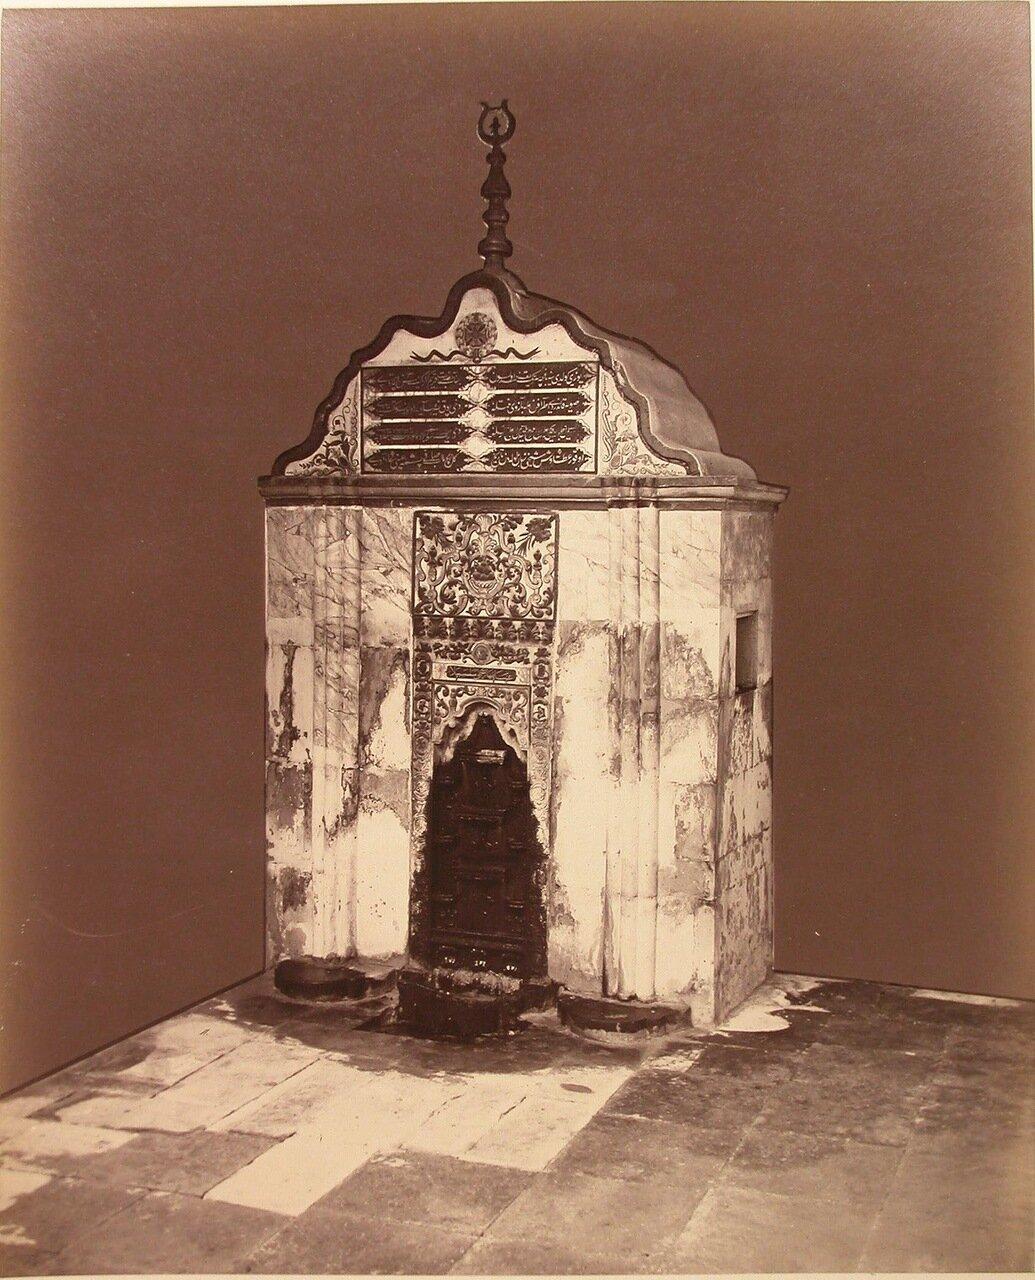 17. Вид на Бахчисарайский фонтан (Фонтан слёз) в Фонтанном дворике на территории ханского дворца